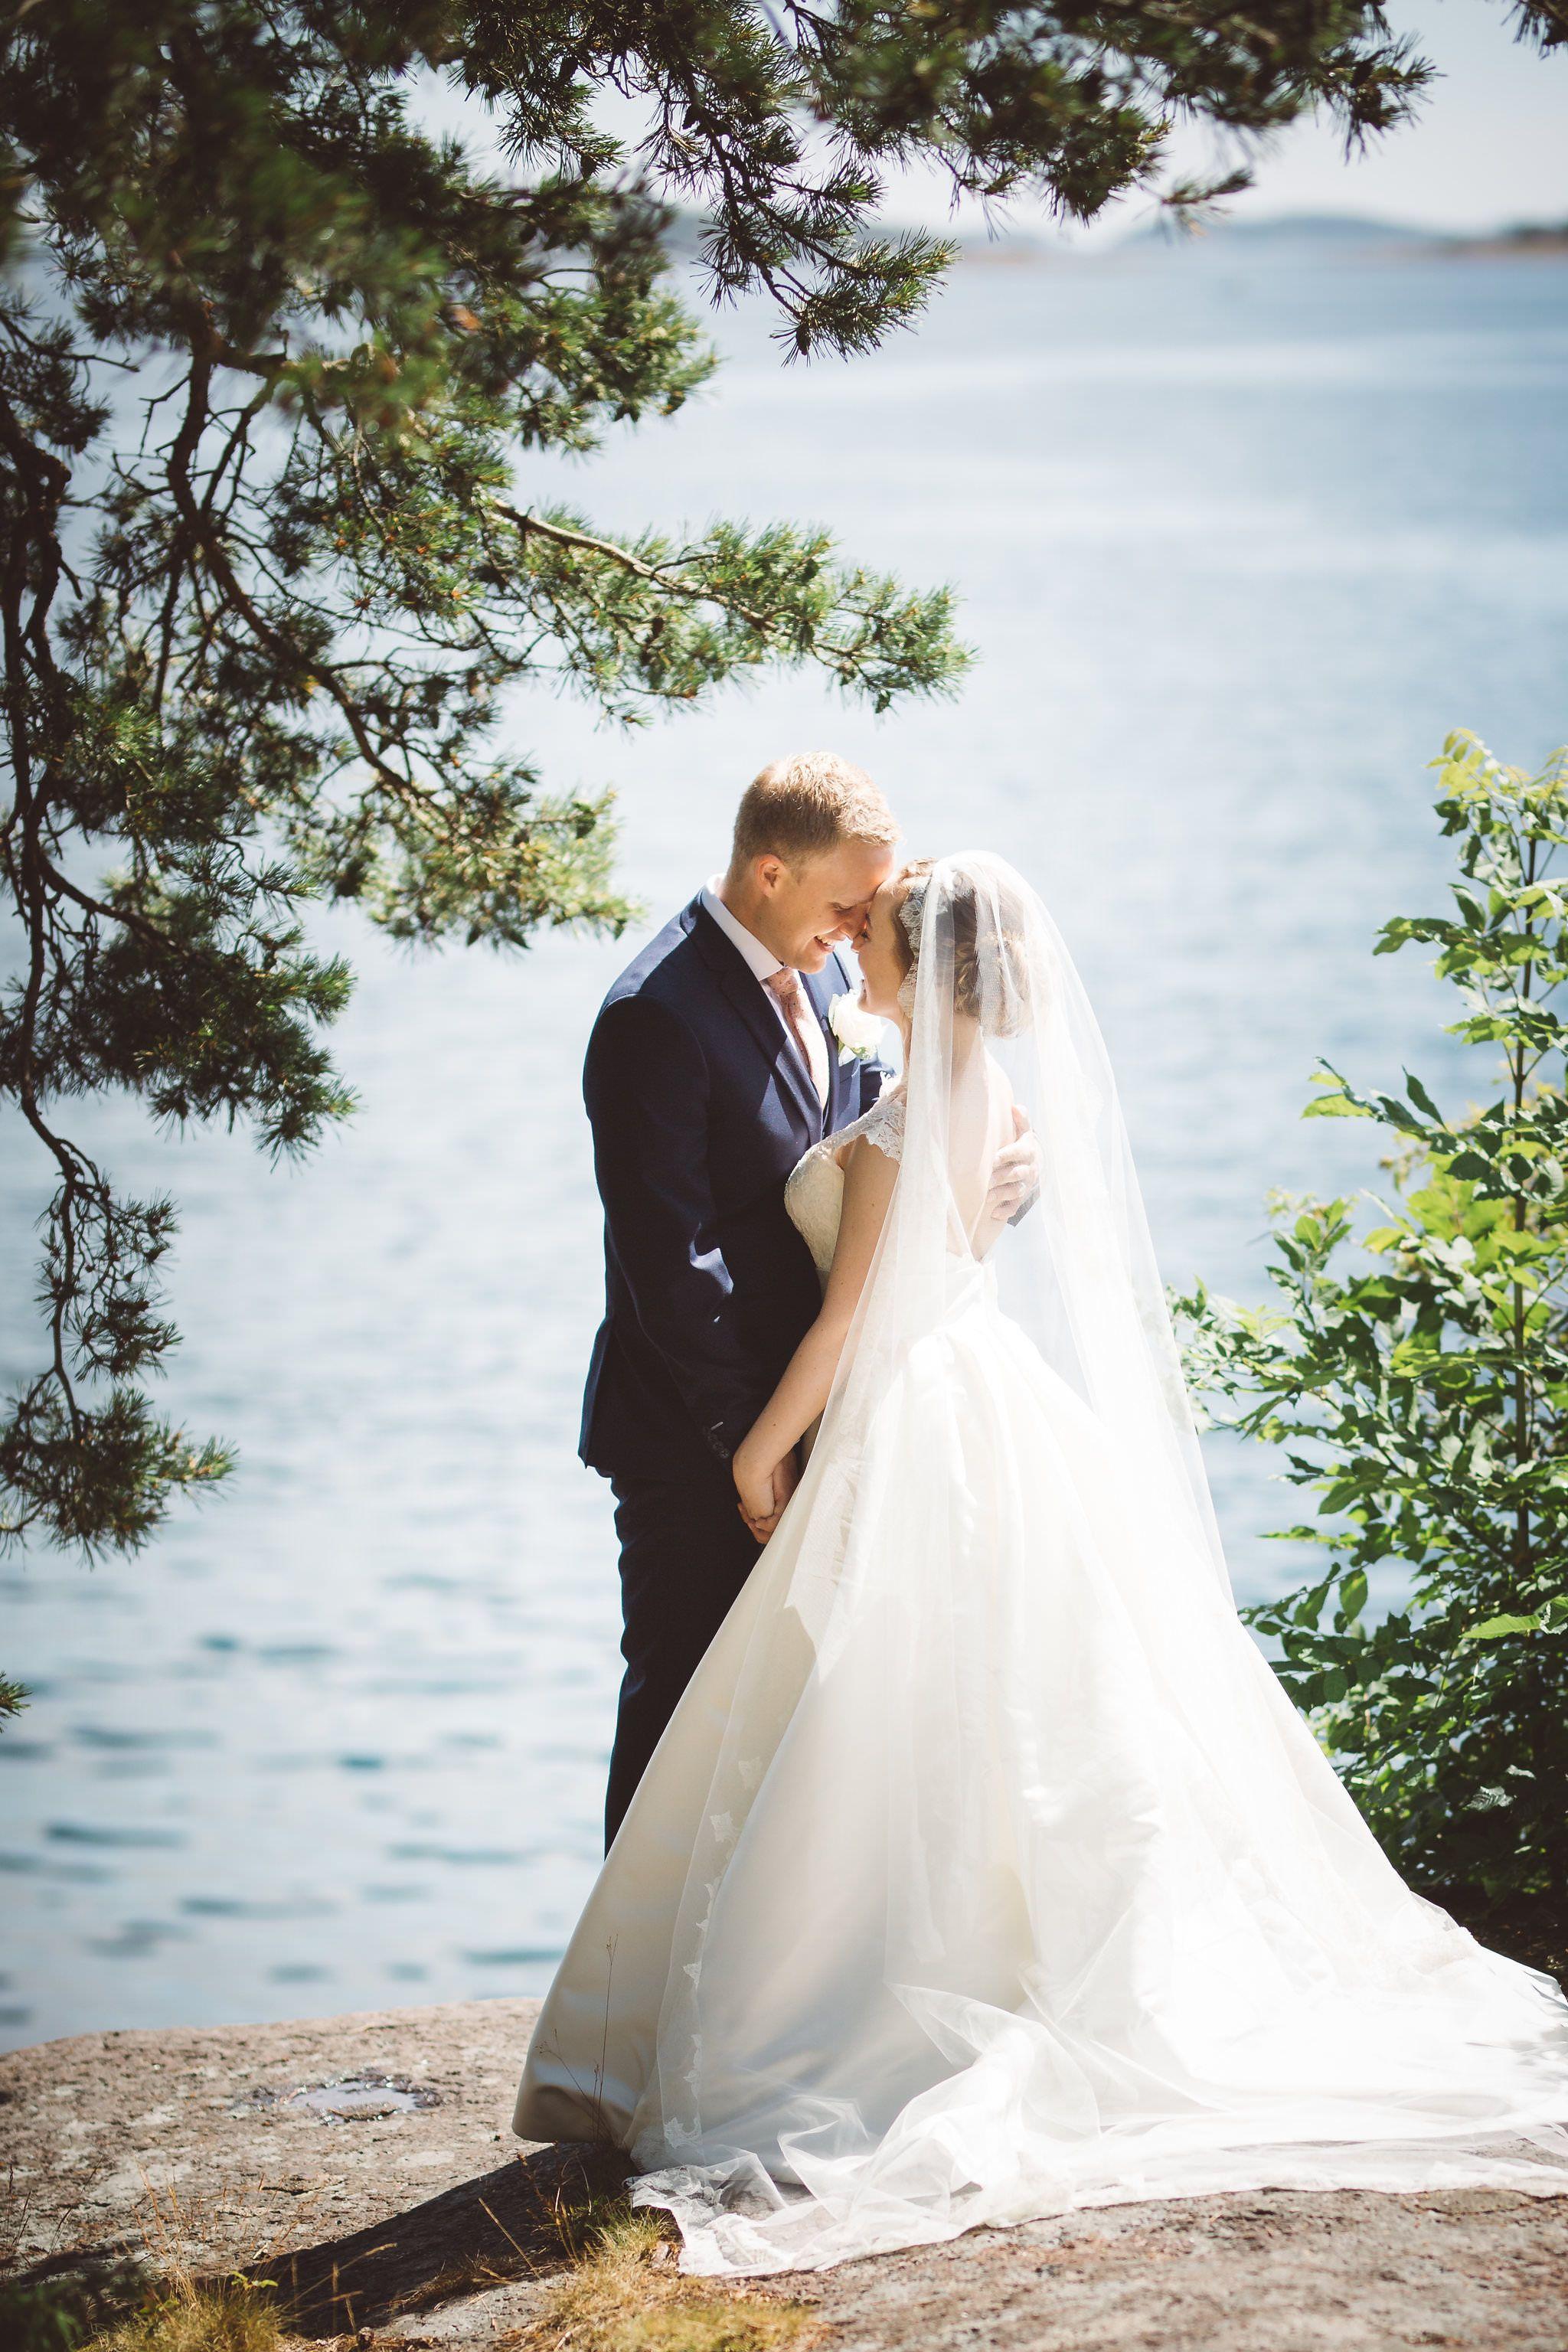 Fotograf Bryllup Pixlight Vestfold Jpg Med Billeder Fotograf Bryllup